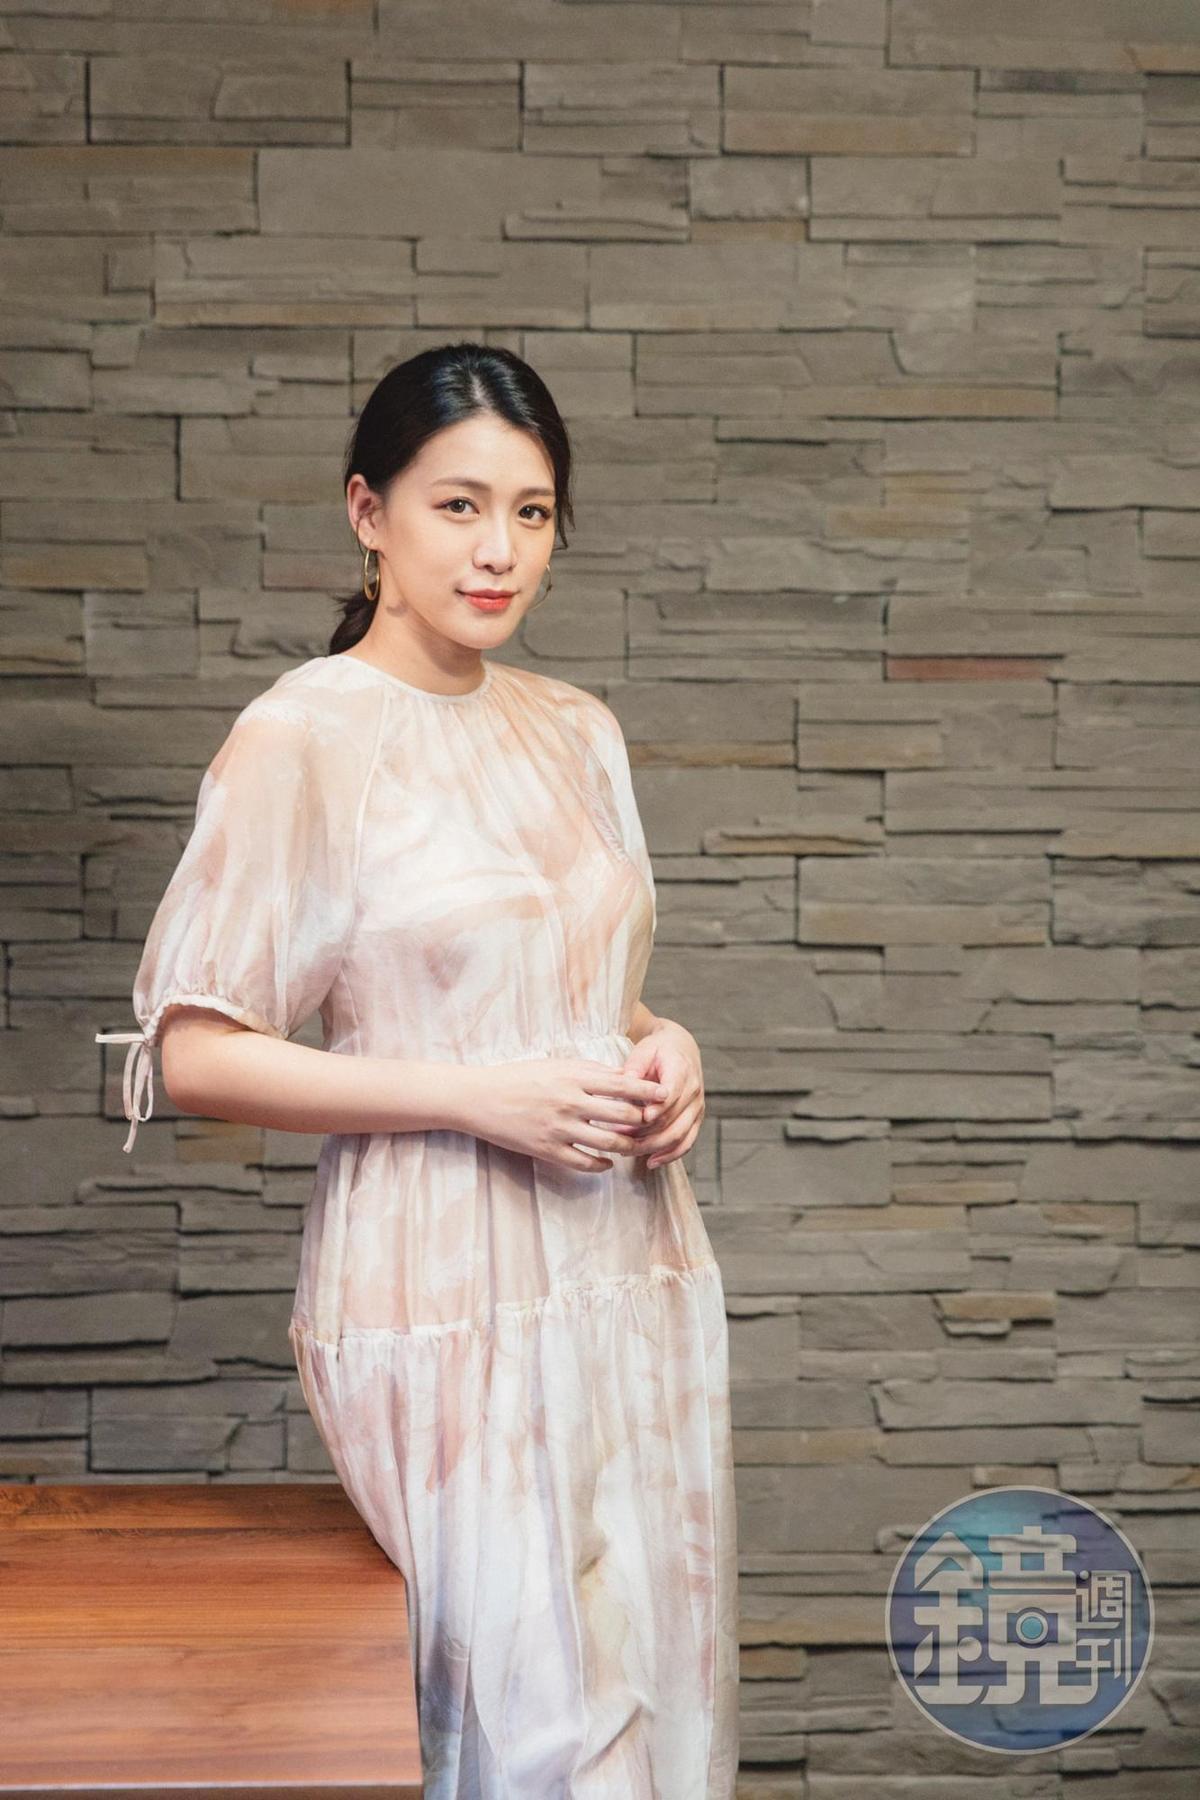 模特兒出身的王思平有了1個新身分——母親。她說因為女兒,「我會更堅強,當妳最堅強的後盾。」王思平身穿MAX&Co.印花洋裝。